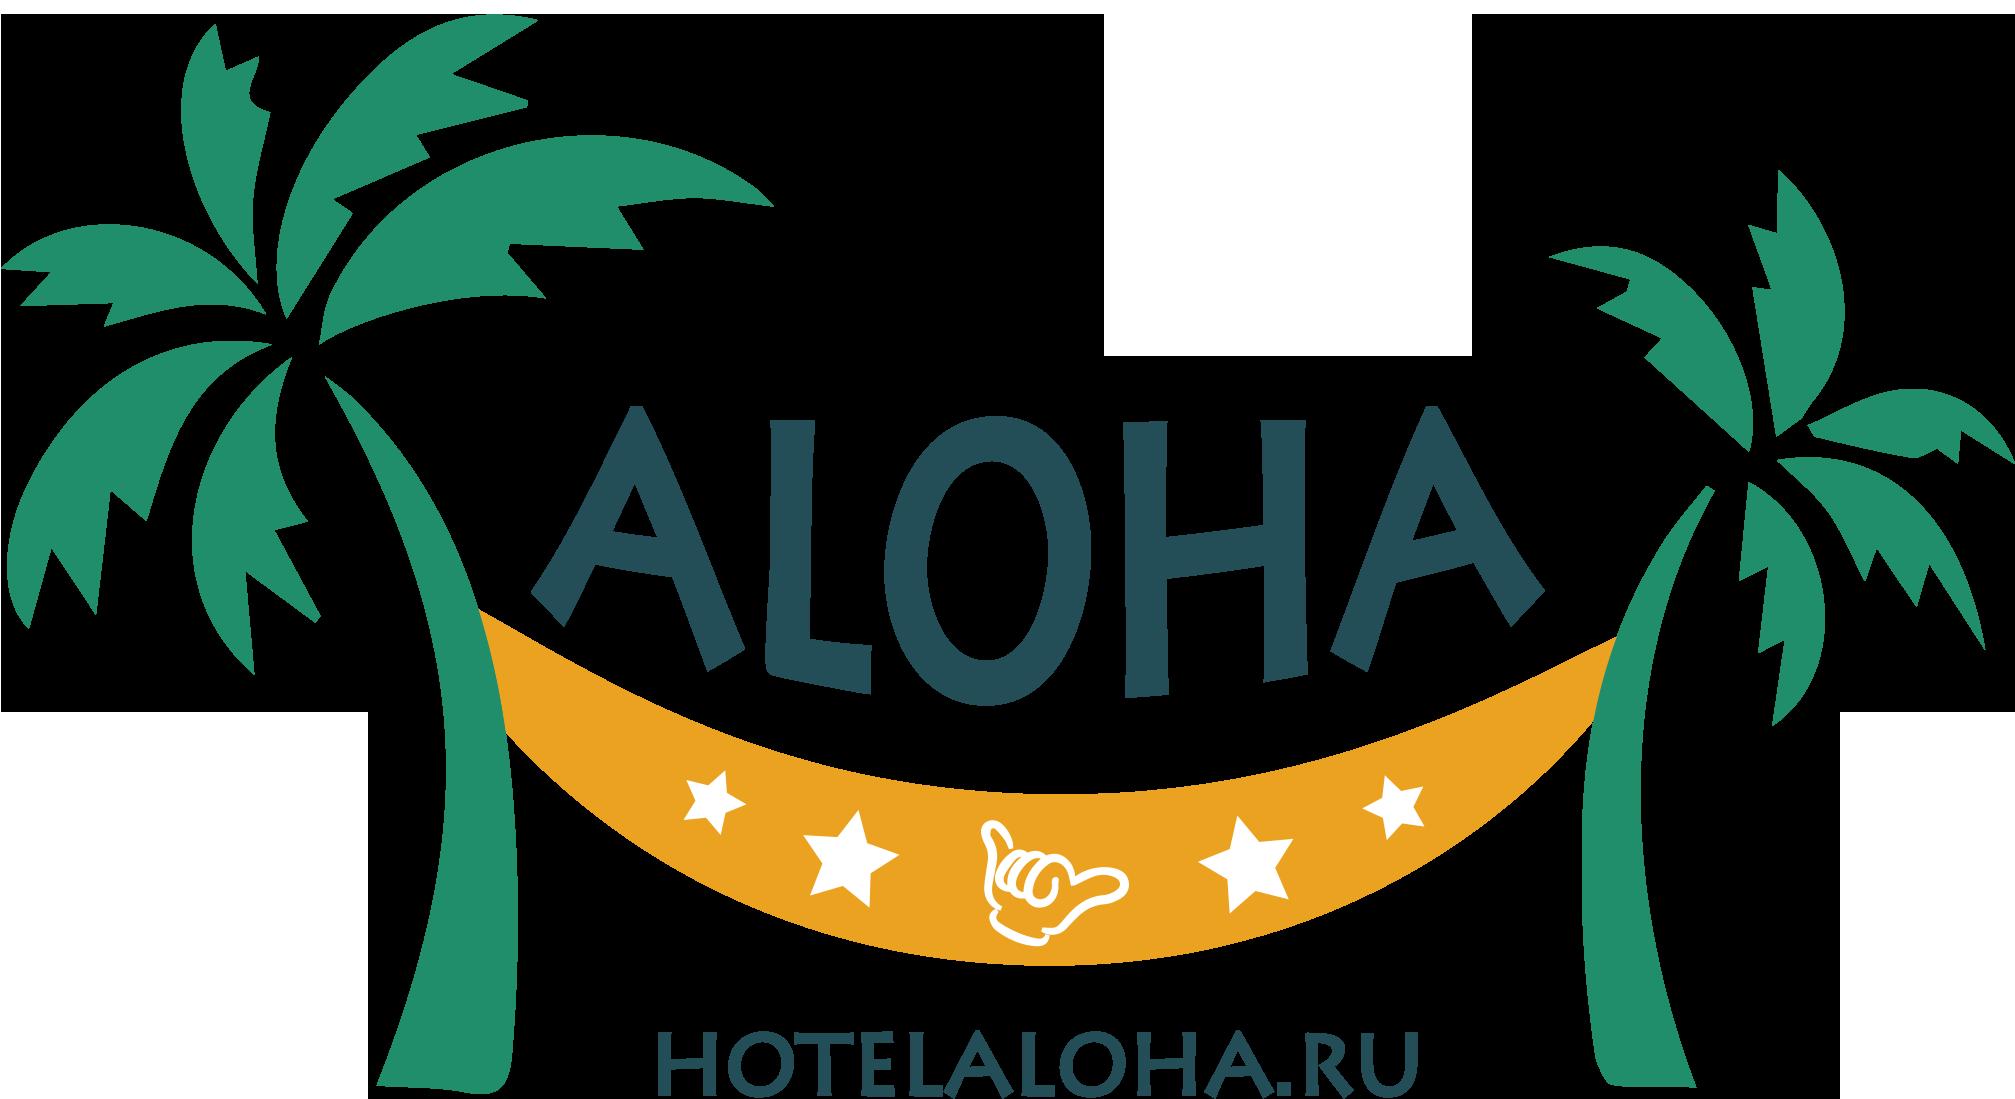 阿罗哈胶囊酒店